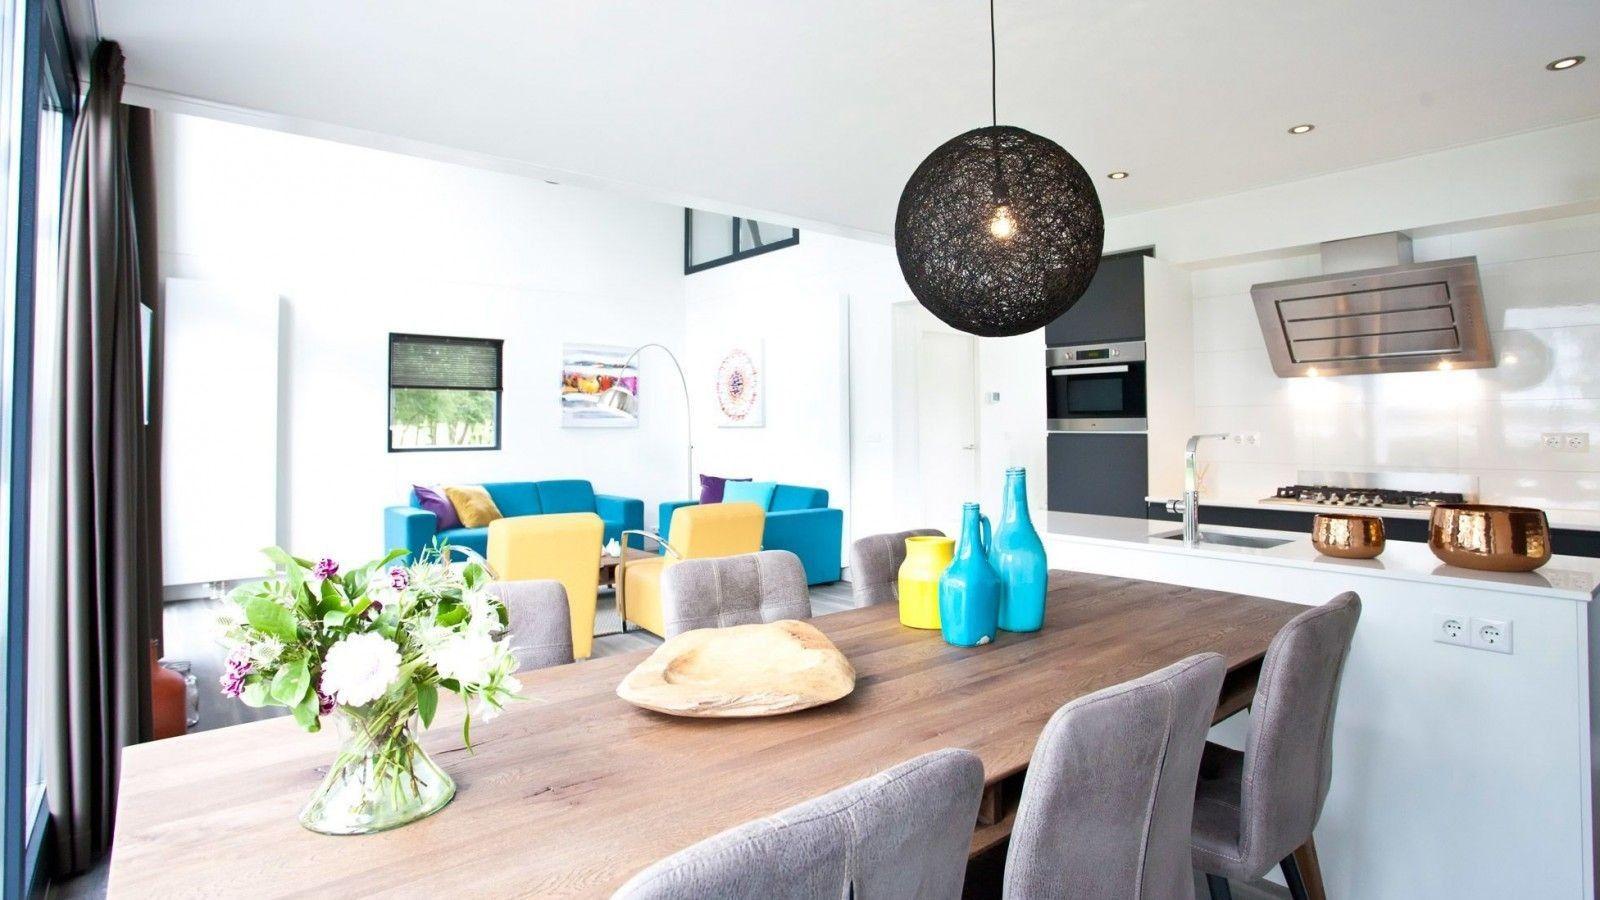 Ferienhaus in Holland kaufen